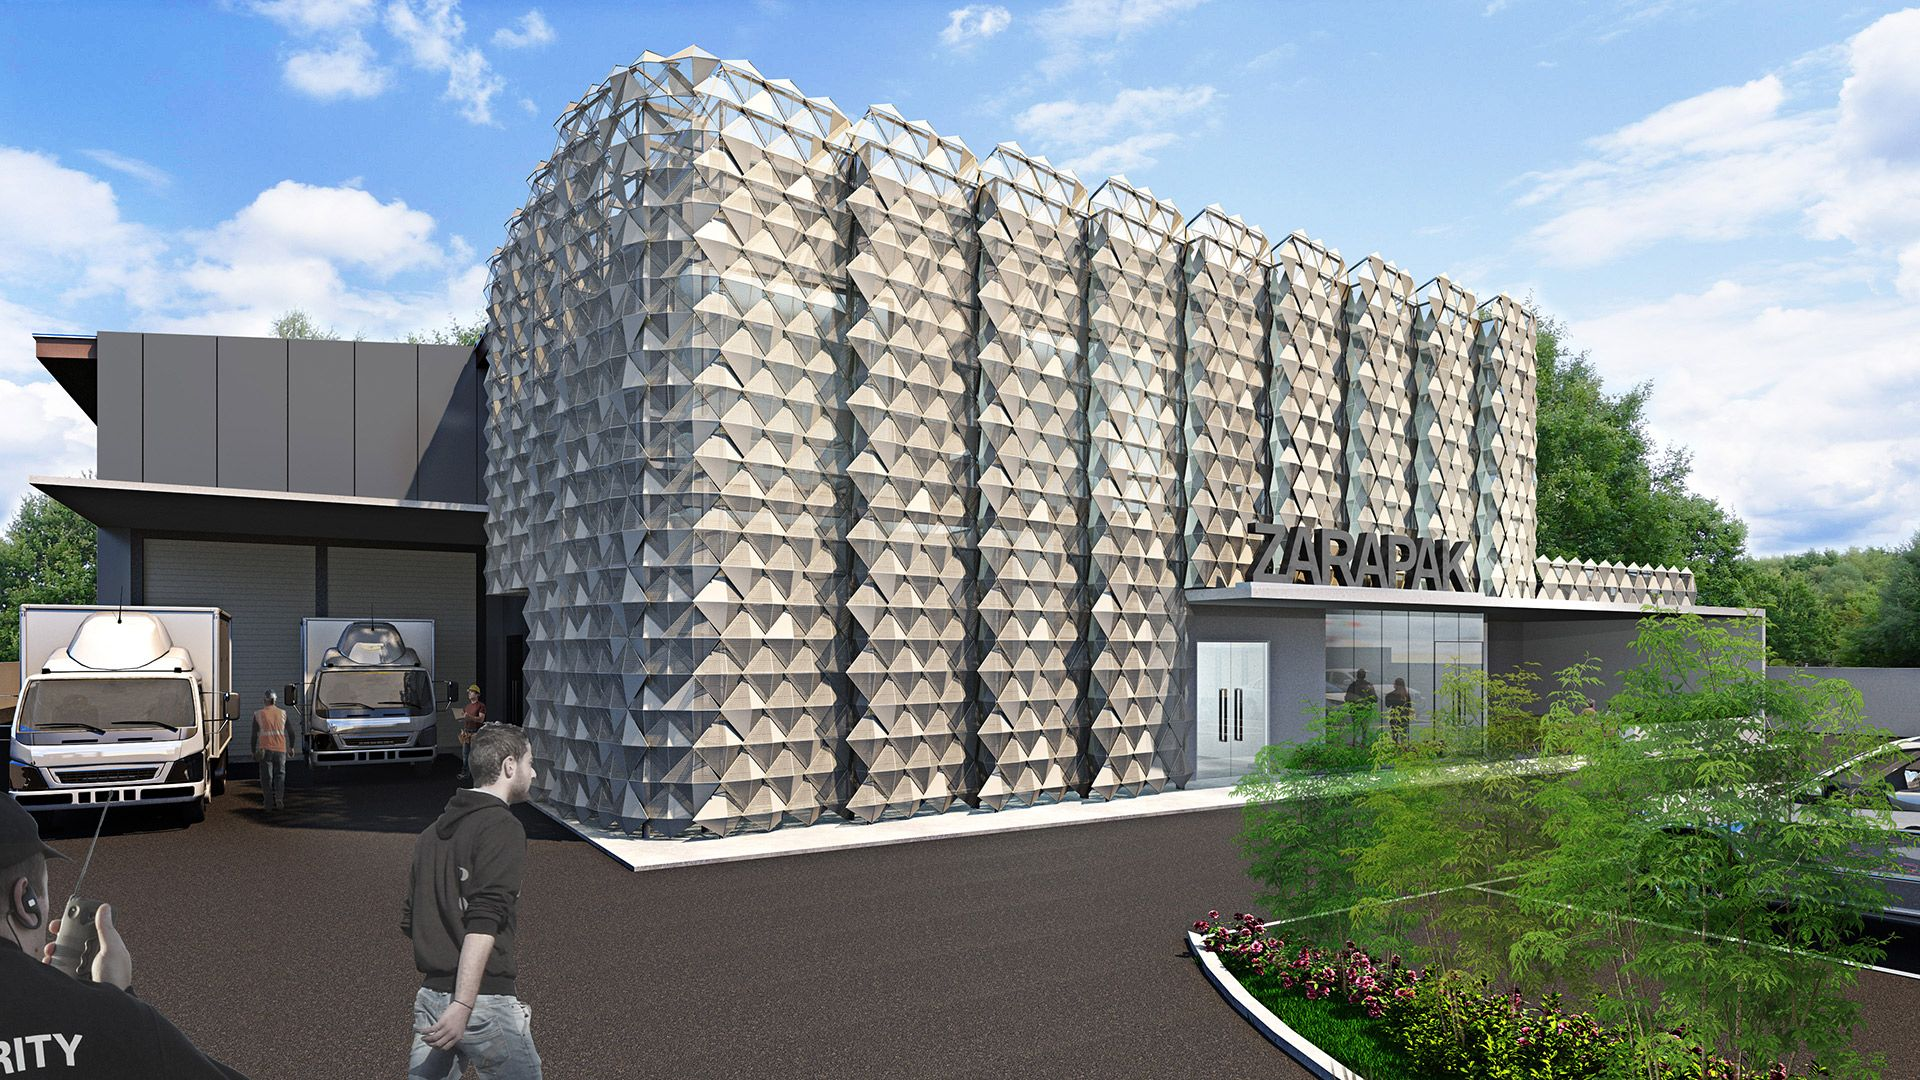 zarapak-factory-facade-design